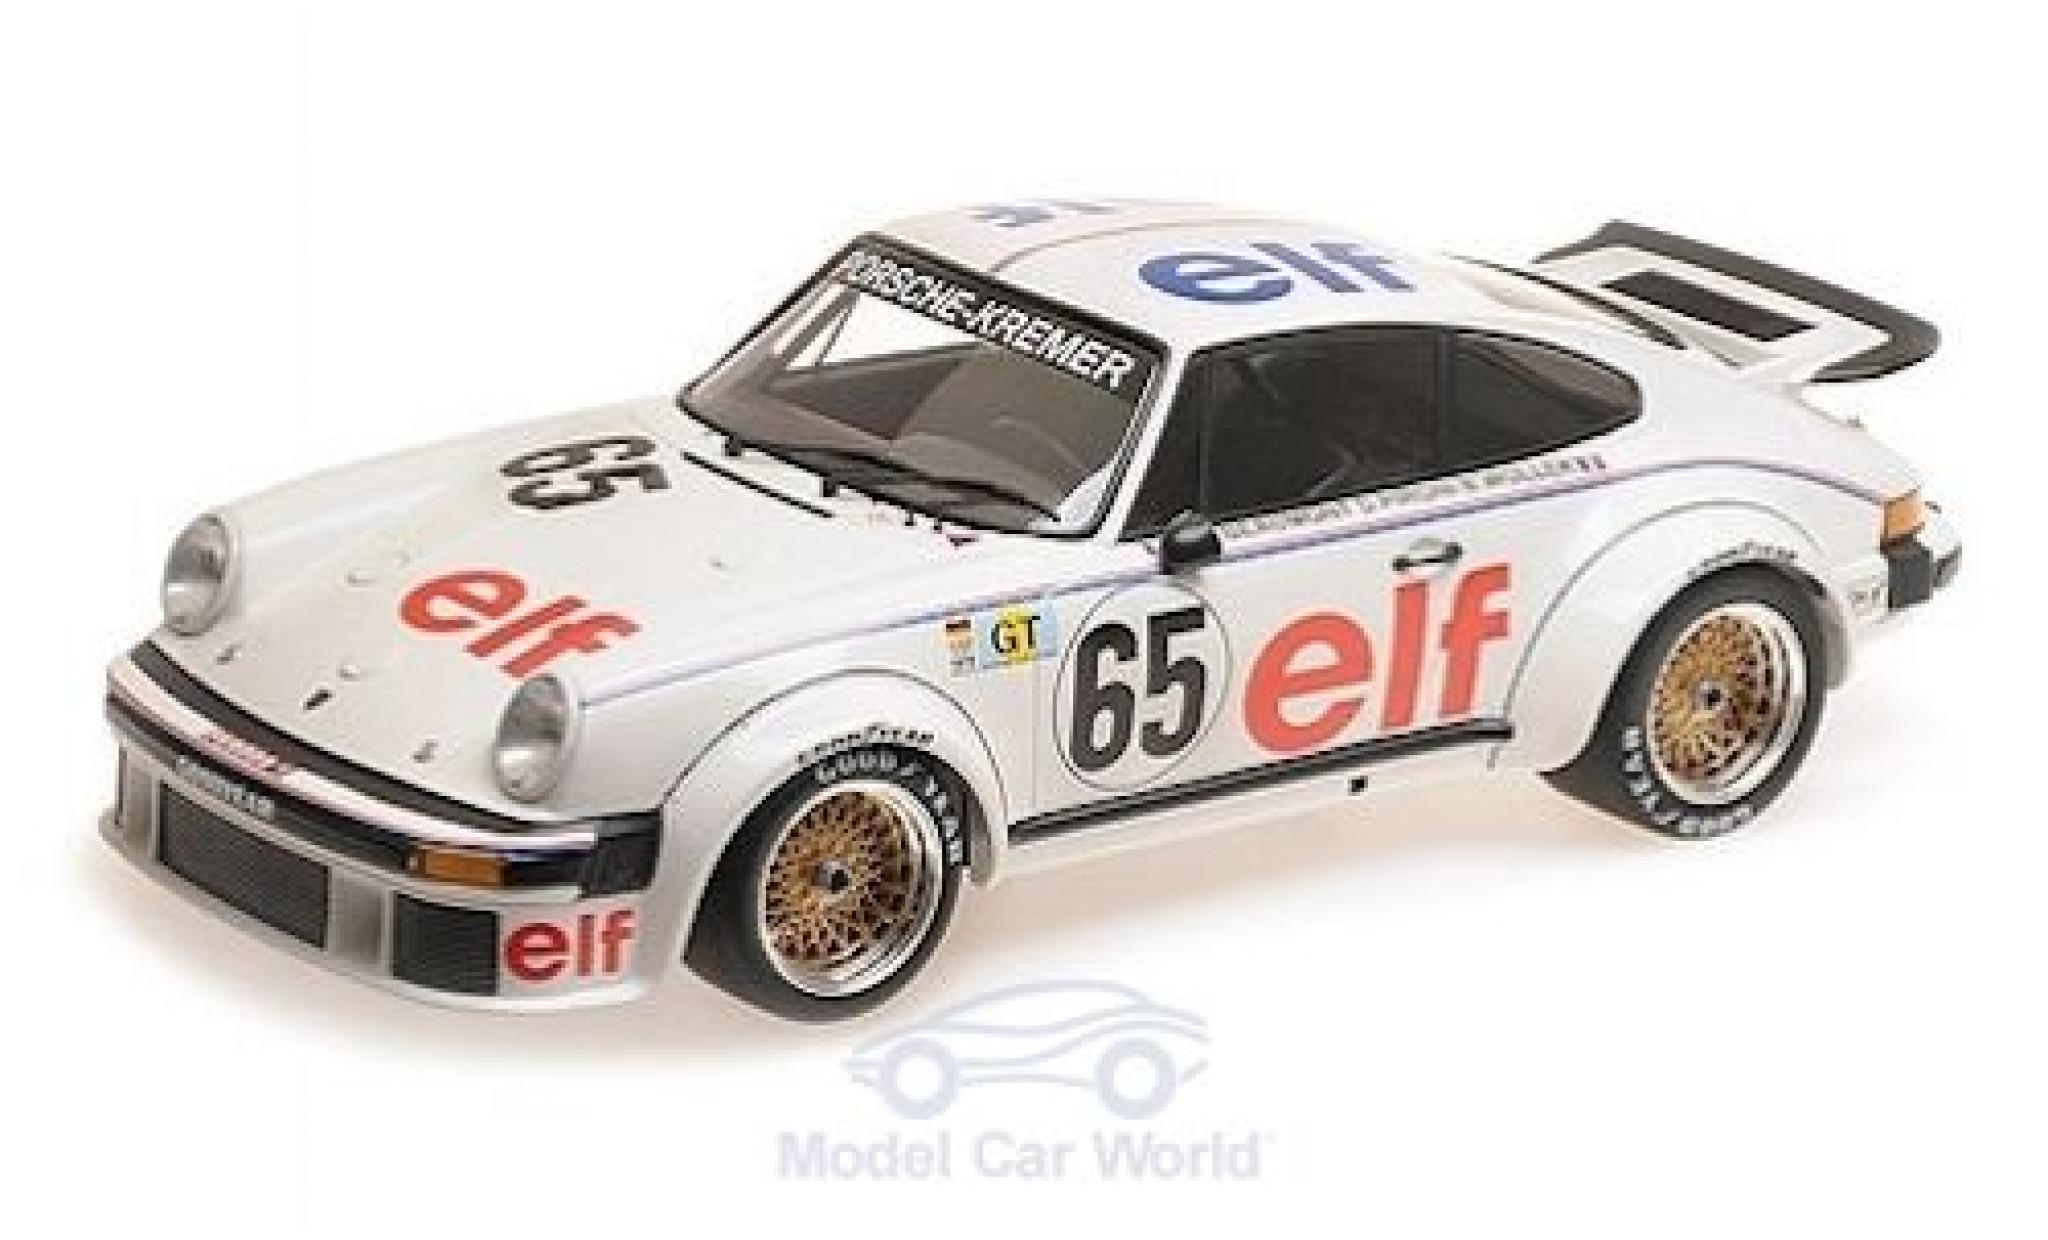 Porsche 934 1976 1/12 Minichamps No.65 -Kremer Racing Elf 24h Le Mans B.Wollek/D.Pironi/M.-C.Beaumont